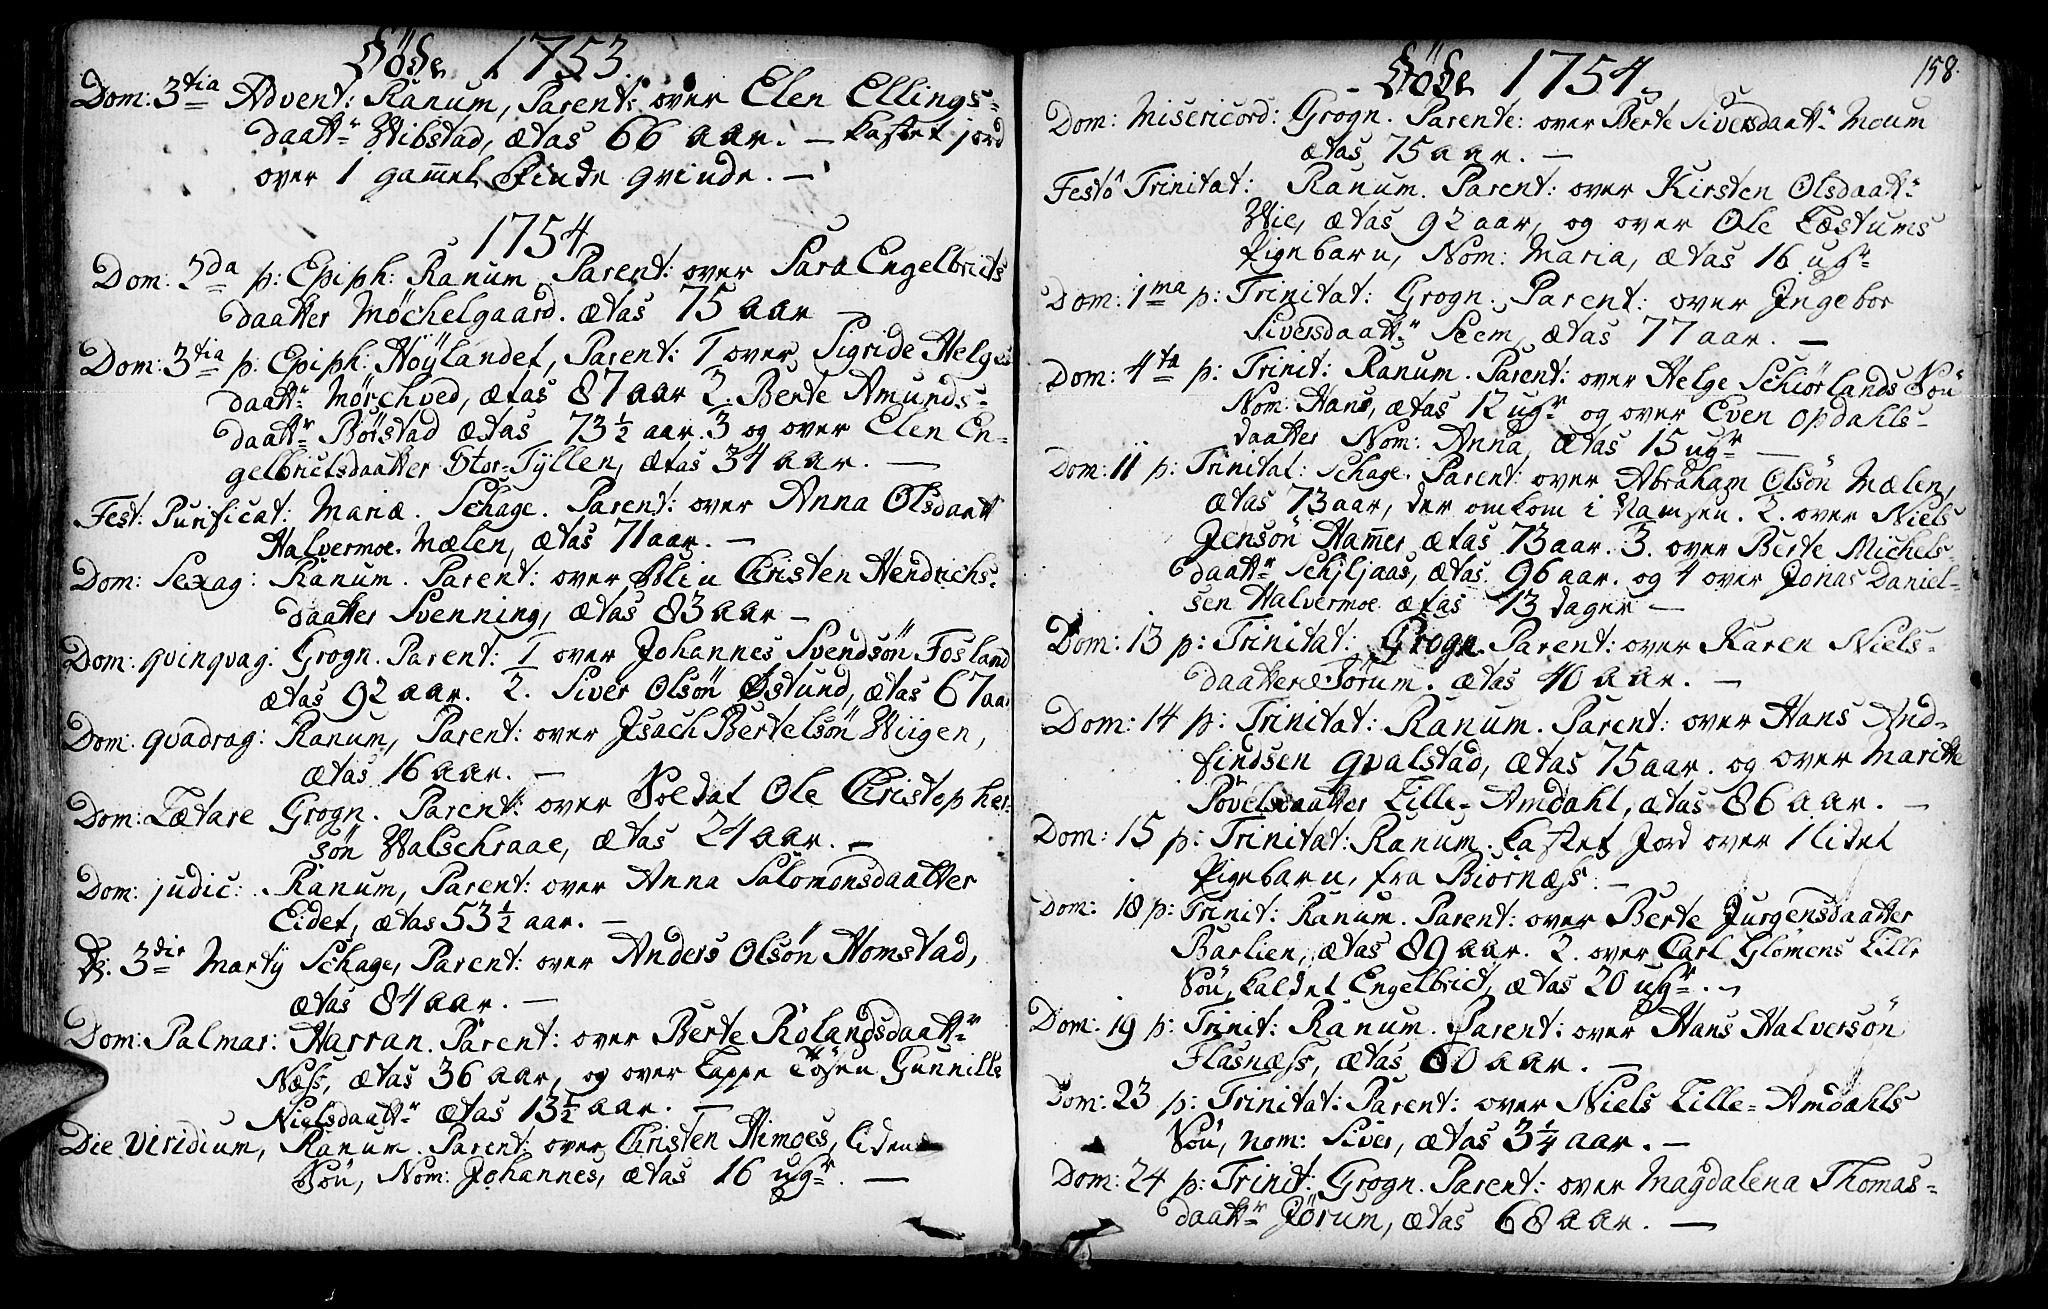 SAT, Ministerialprotokoller, klokkerbøker og fødselsregistre - Nord-Trøndelag, 764/L0542: Ministerialbok nr. 764A02, 1748-1779, s. 158